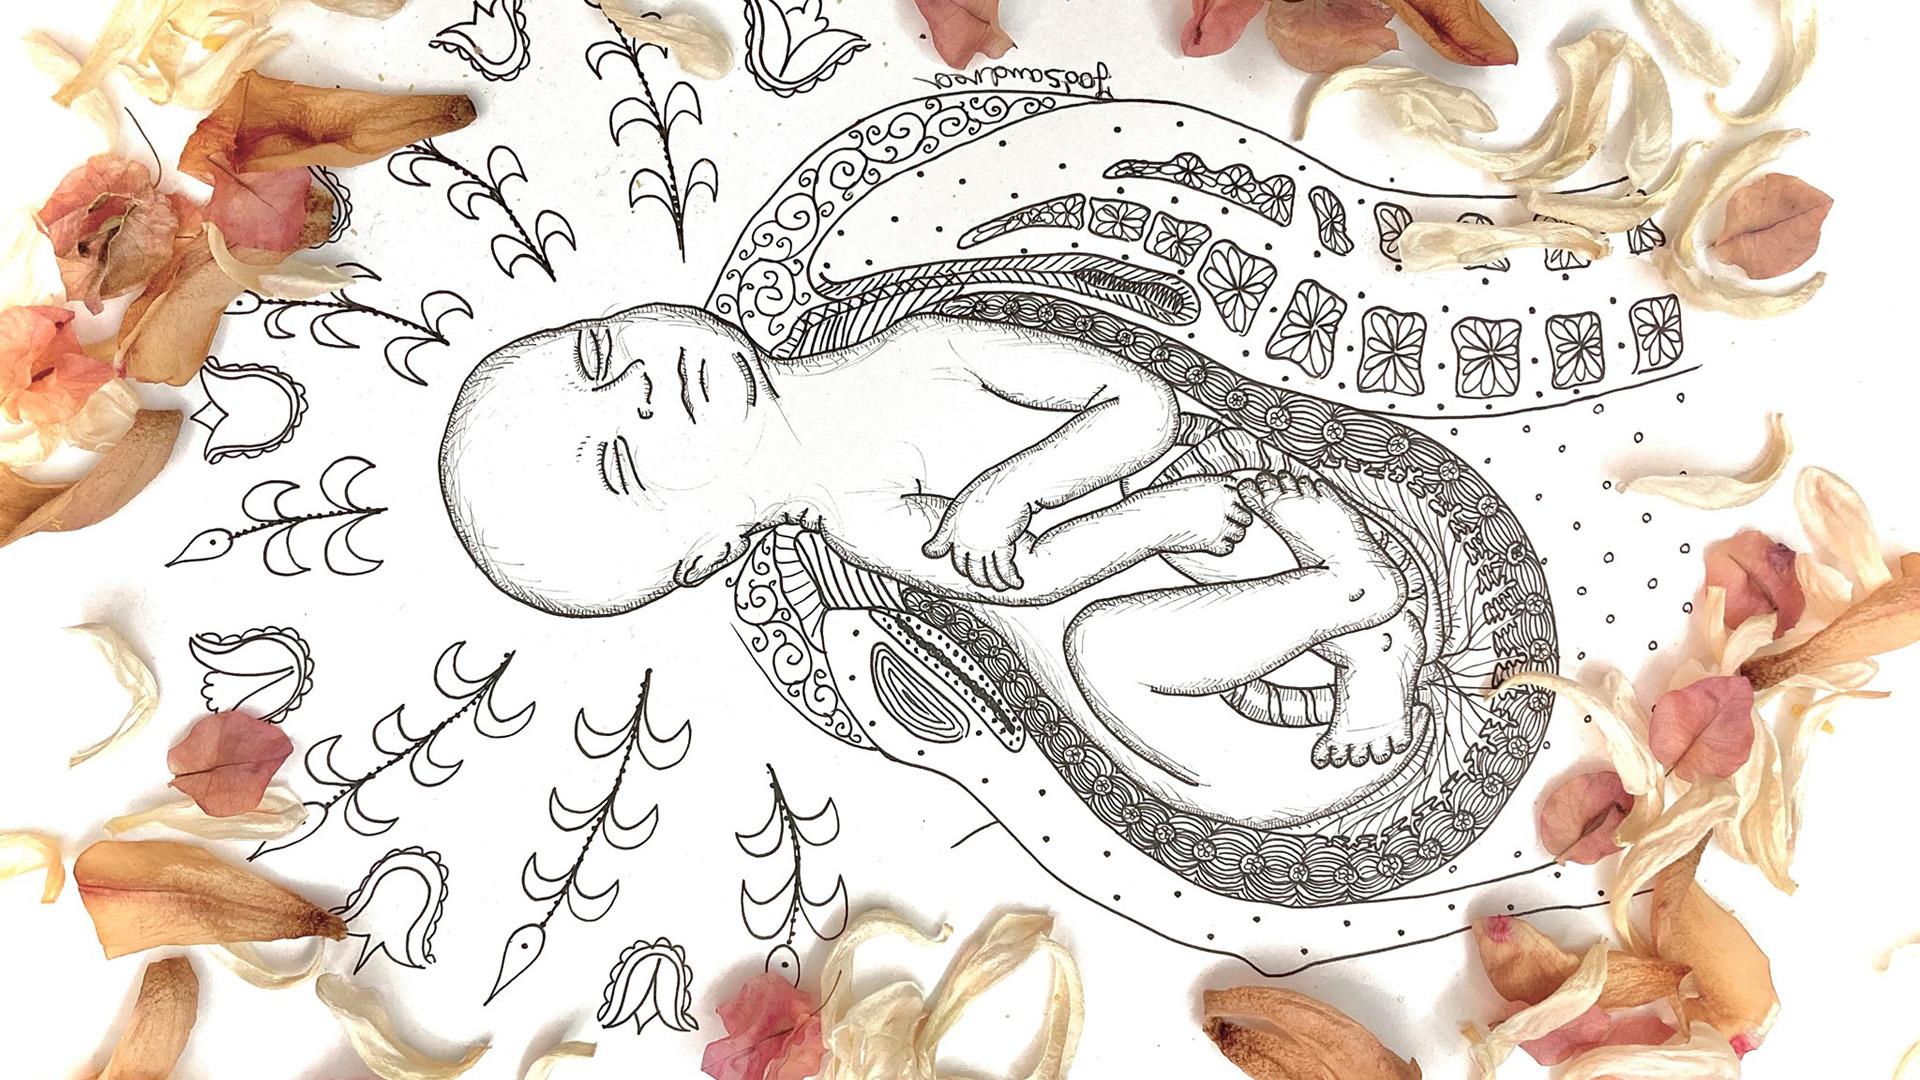 Színező készül a könnyebb szülésért